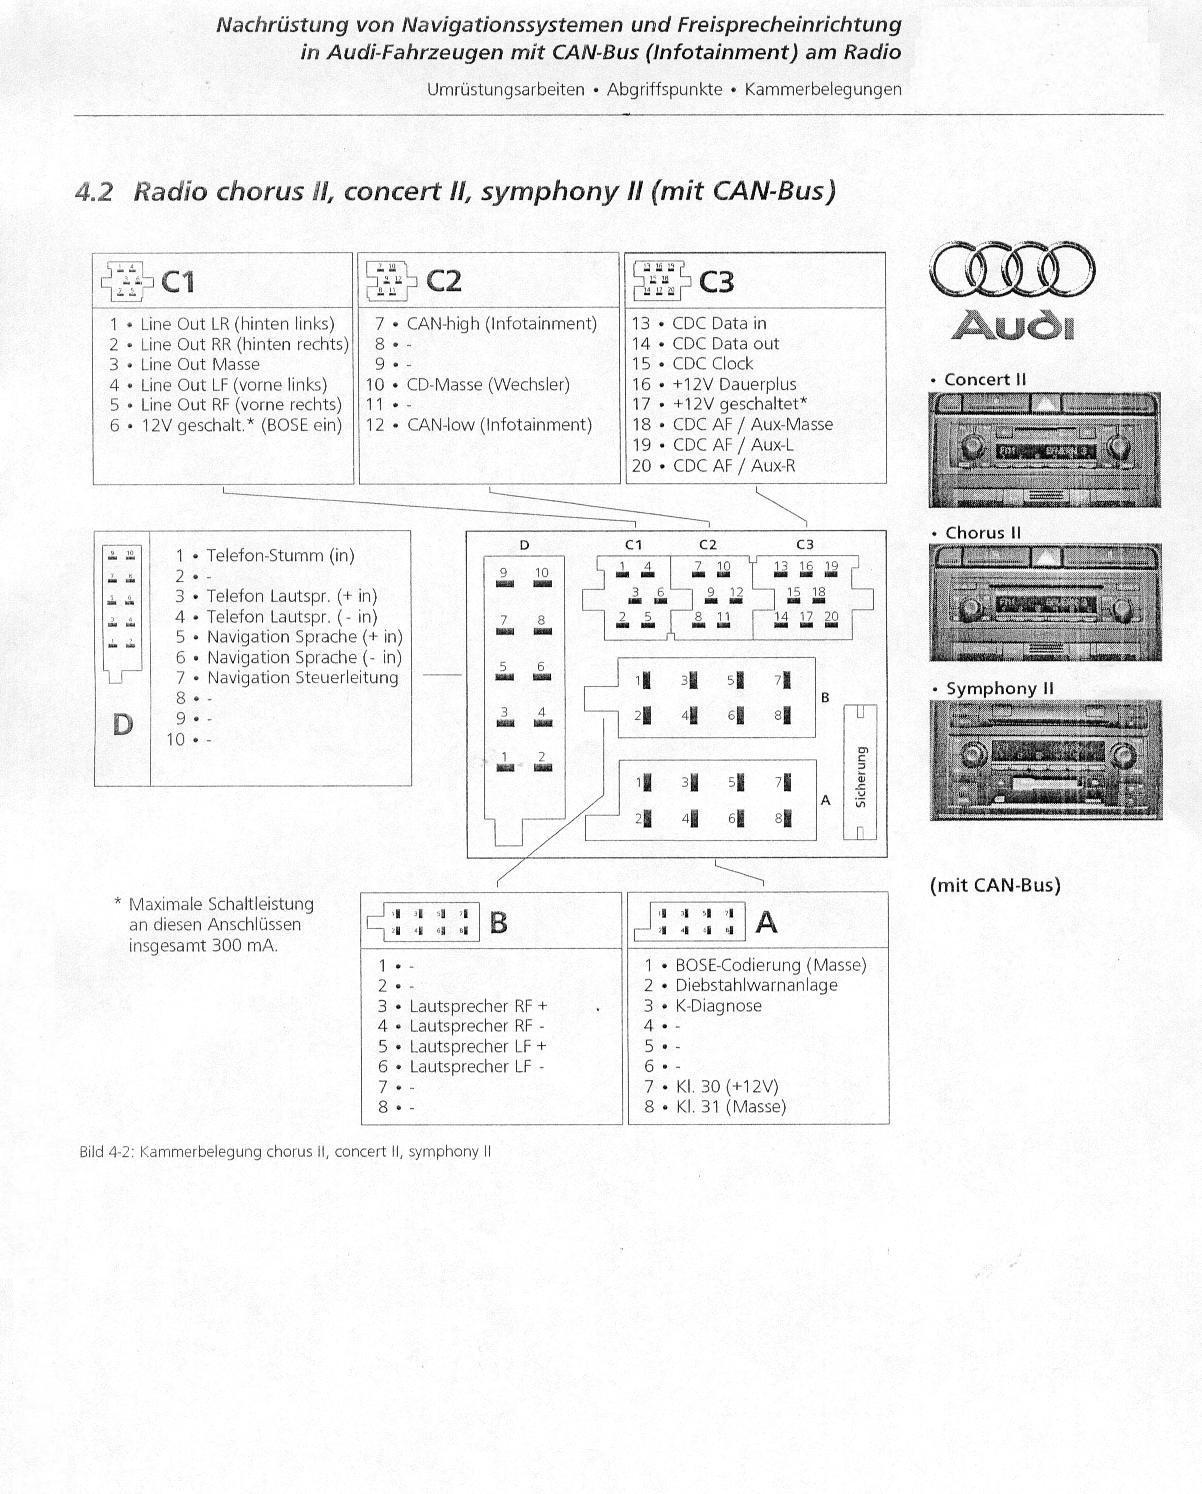 Audi Concertii Belegung Aux Buchse Am Rns E Anschlie 223 En